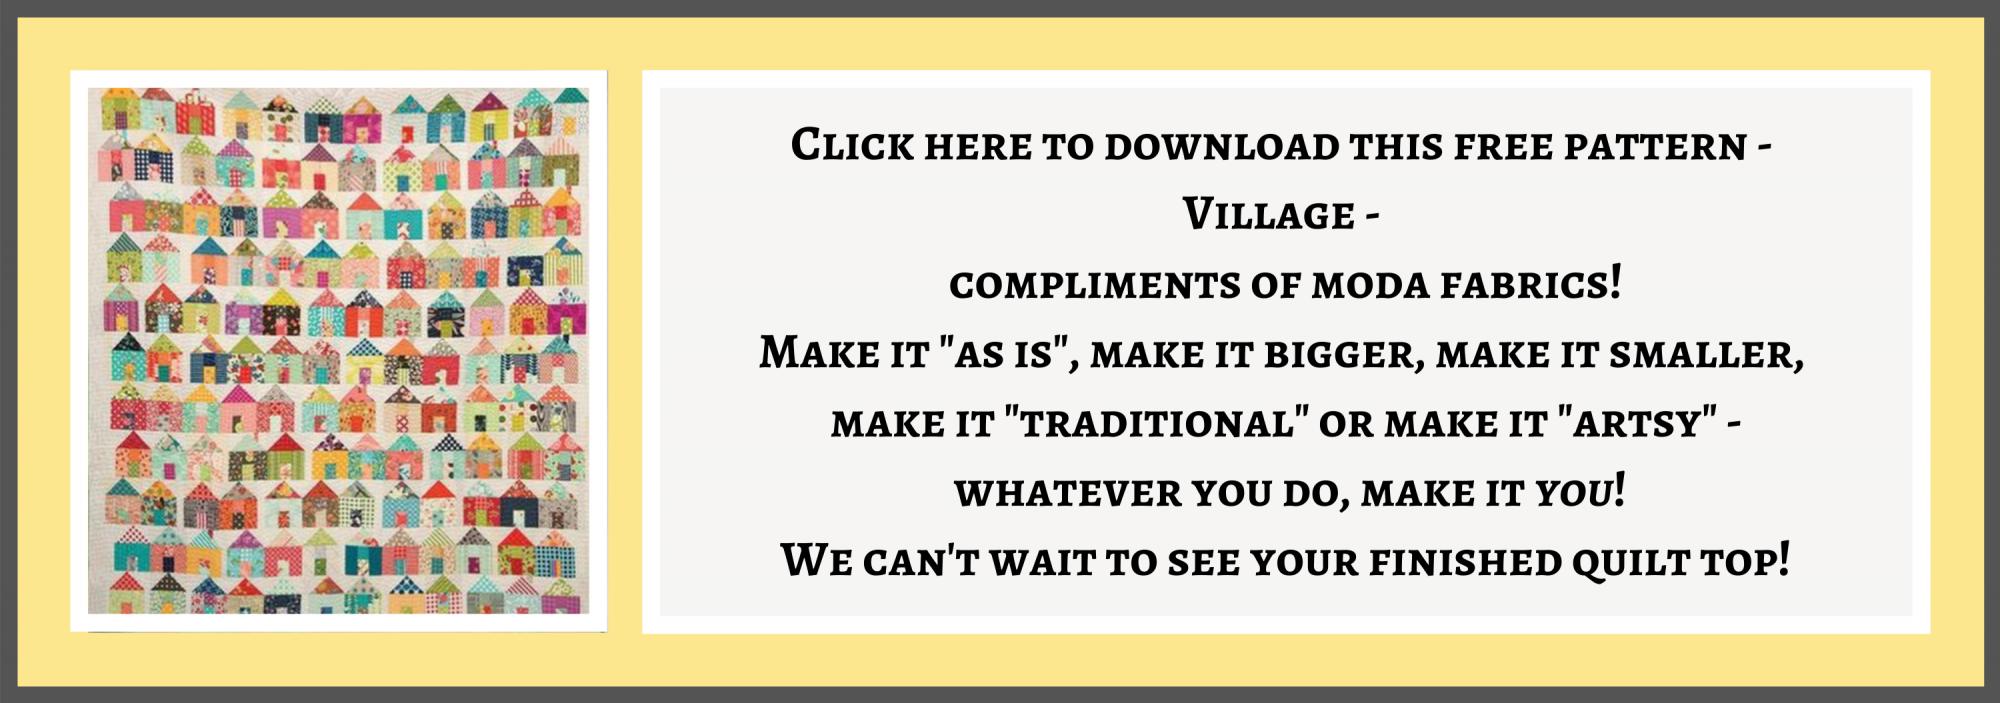 bee's quilt shop st augustine moda village free quilt pattern